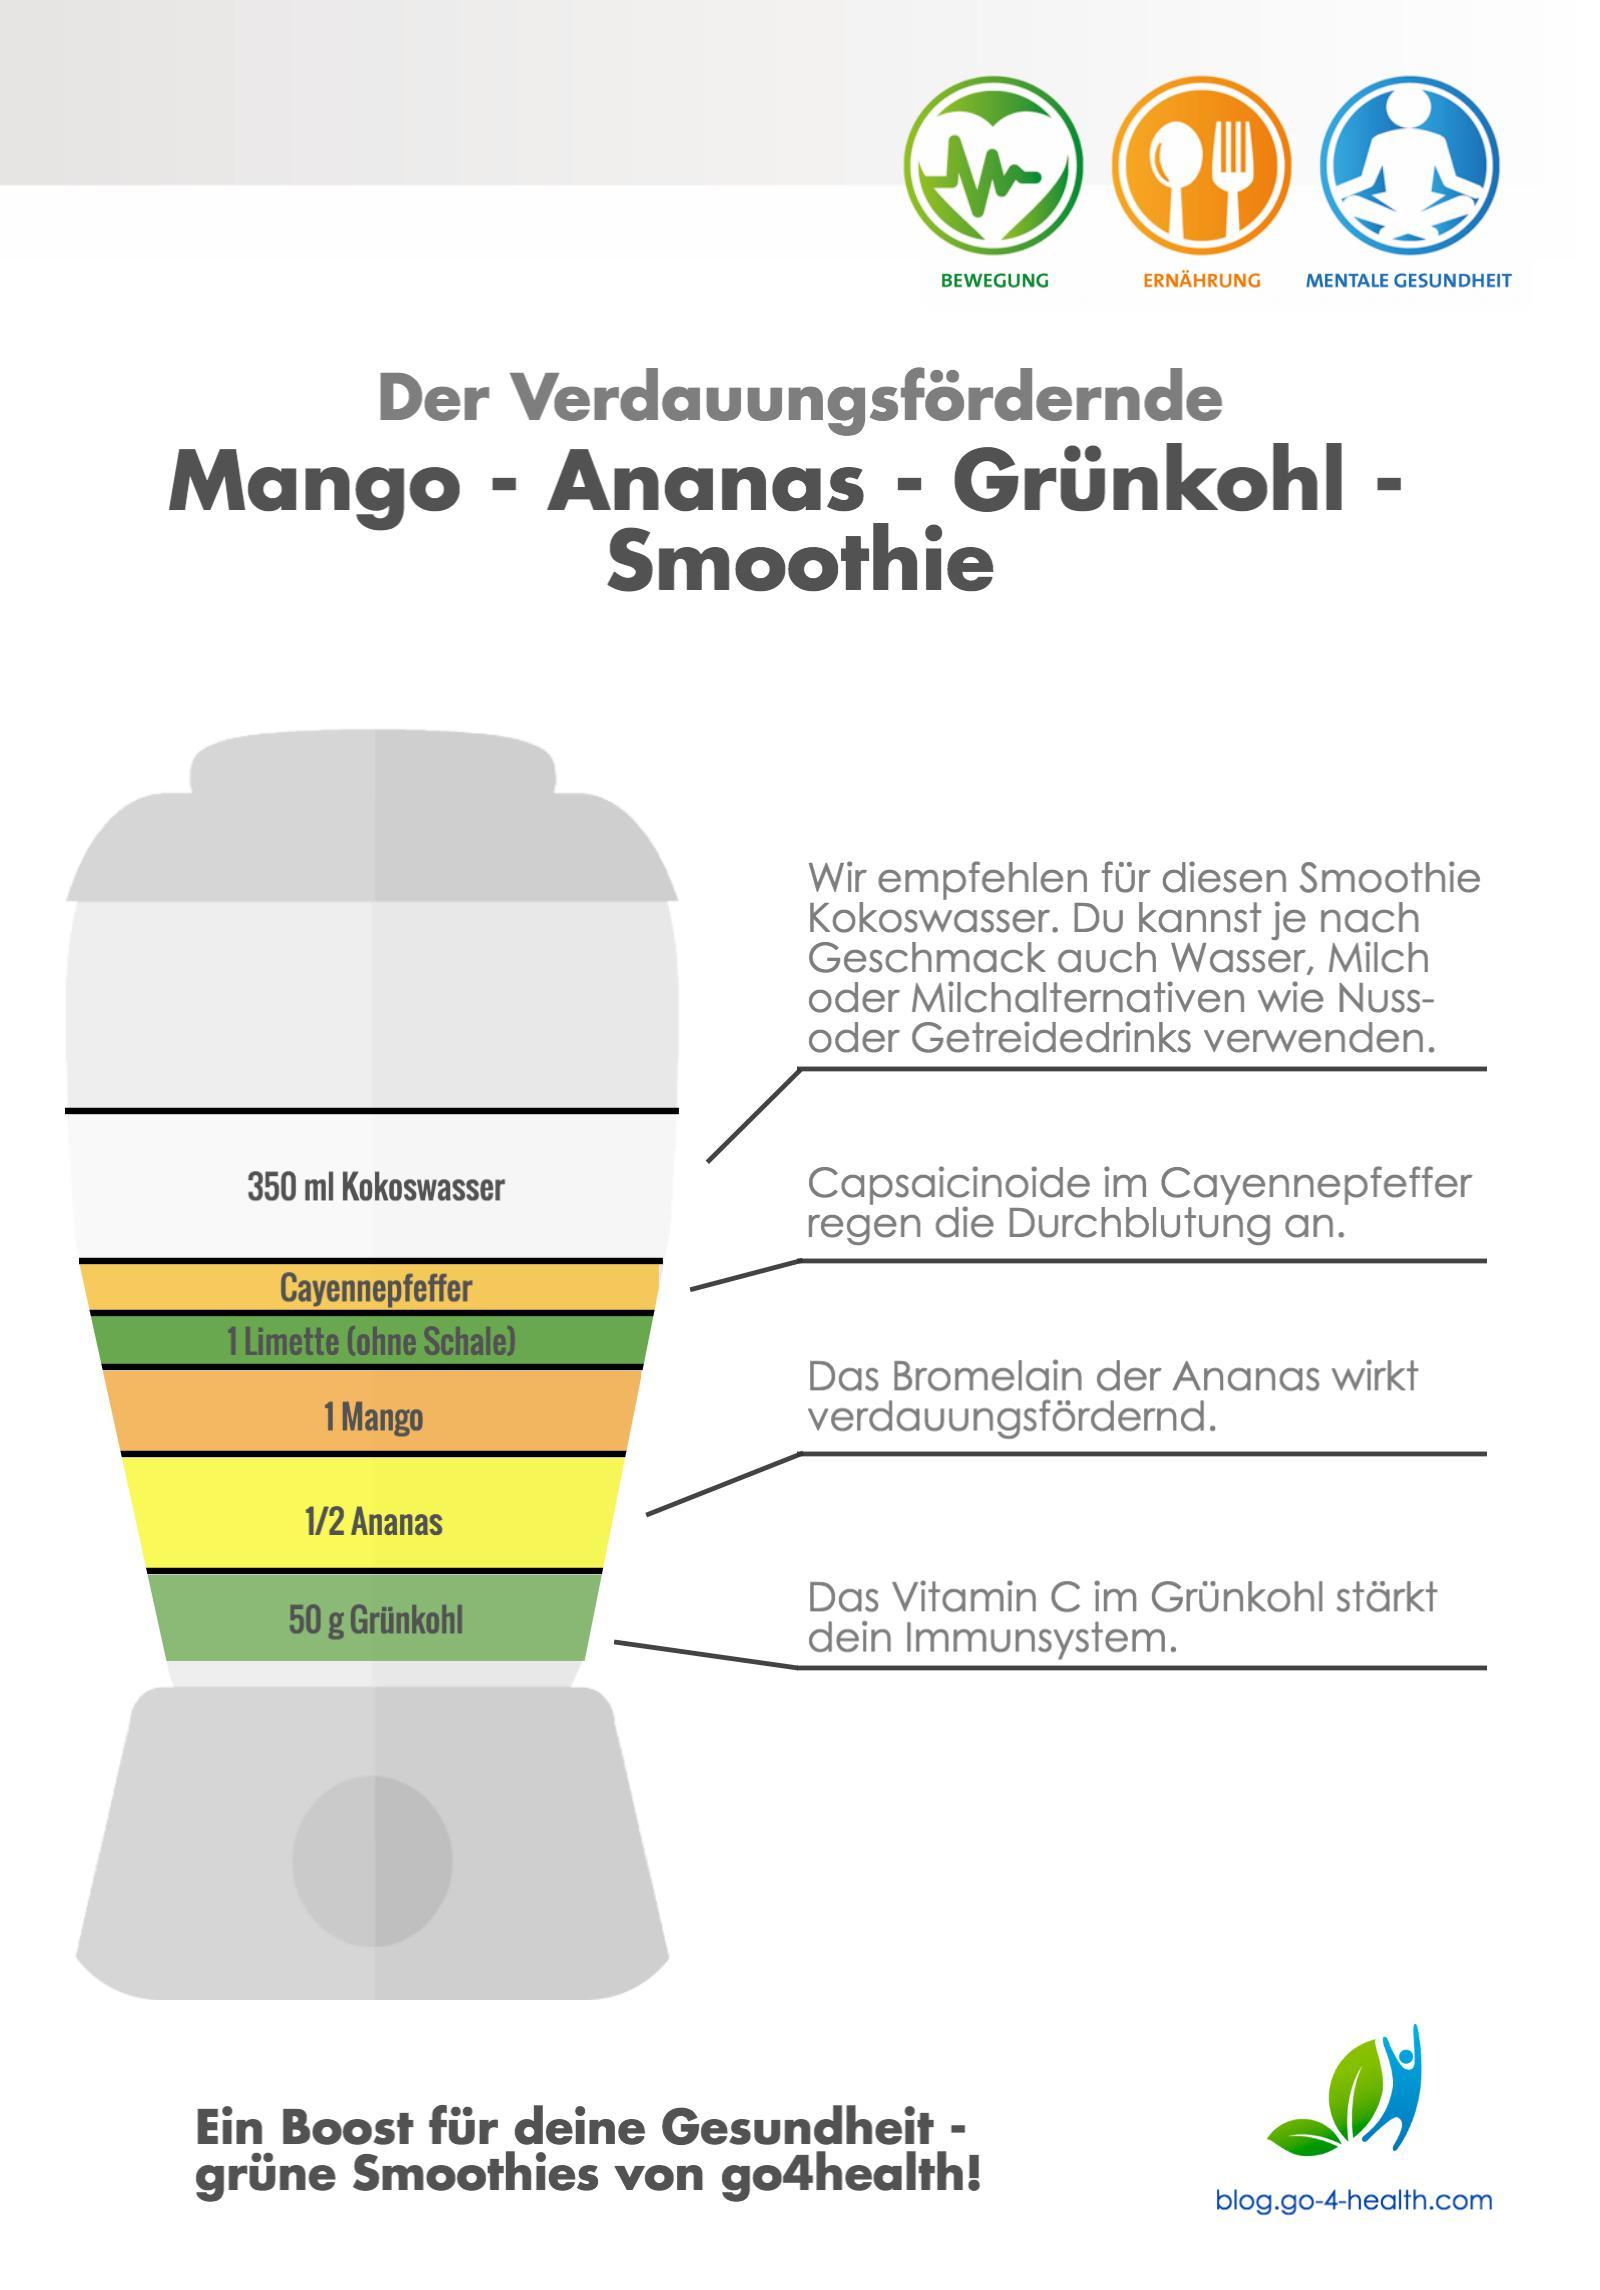 Rezept für einen verdauungsfördernden Smoothie: Cayennepfeffer, Limette, Mango, Ananas, Grünkohl